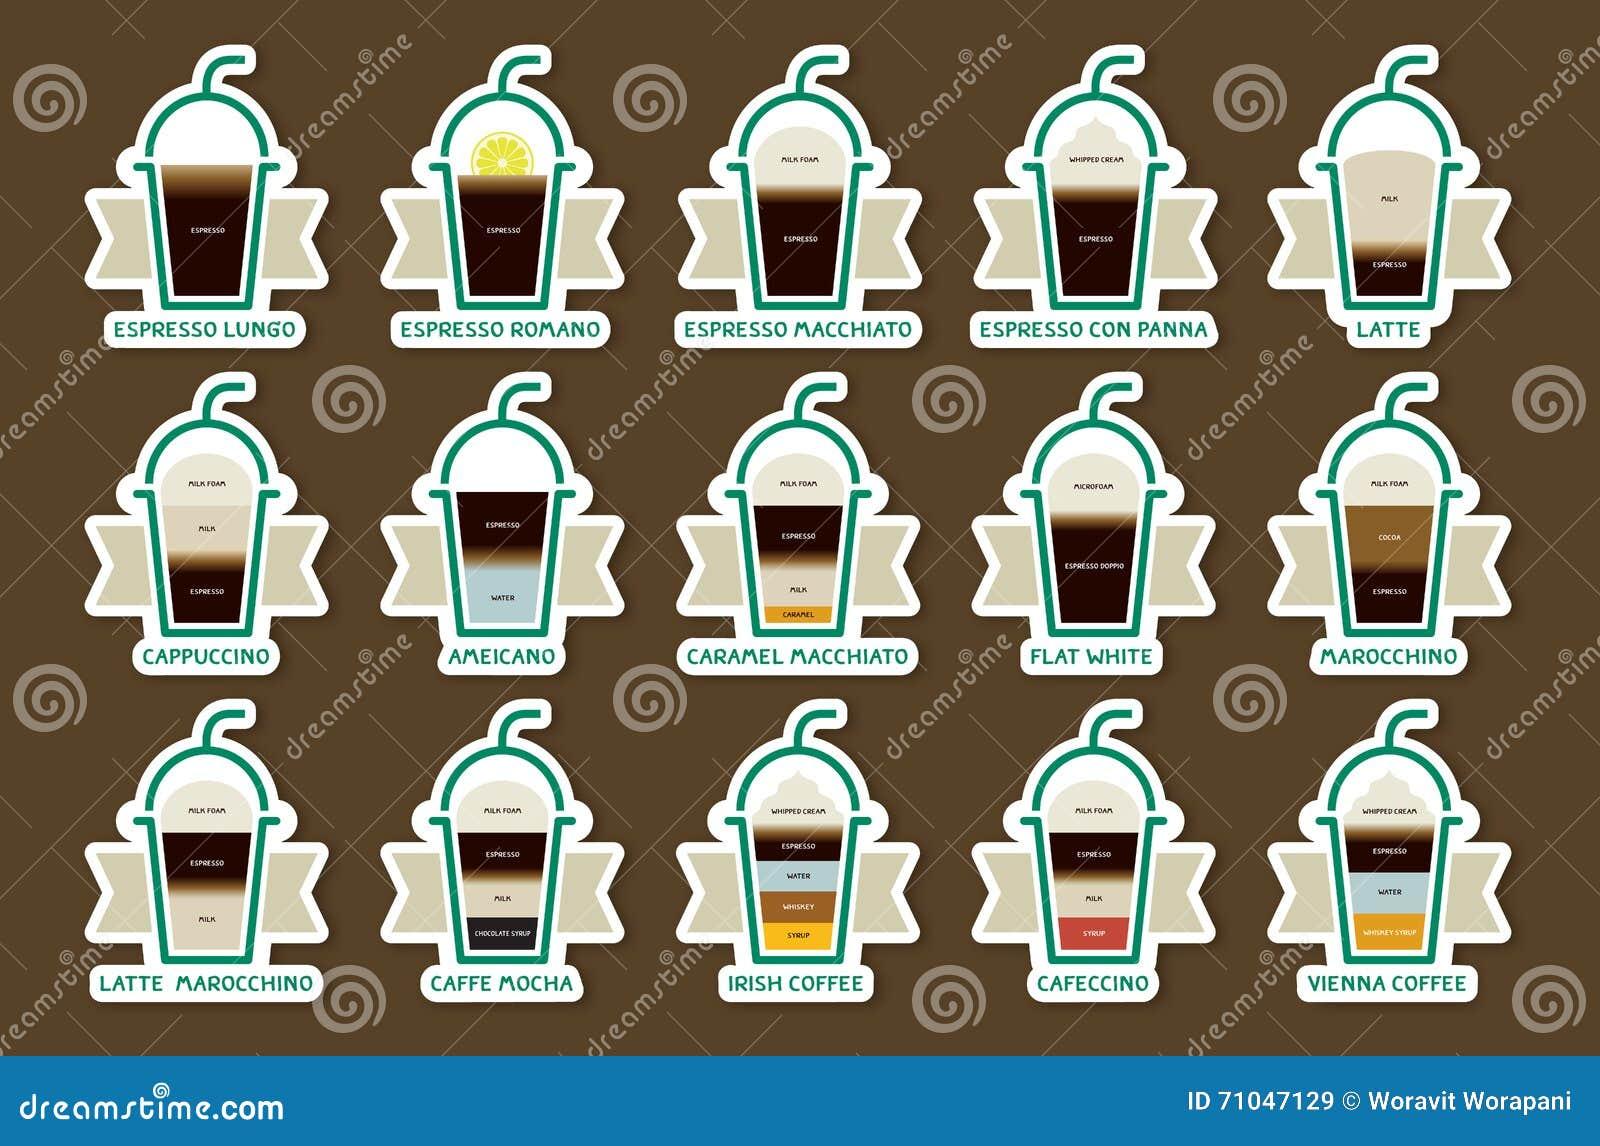 Kaffeegetränke Mit Den Rezeptikonen Eingestellt Vektor Abbildung ...